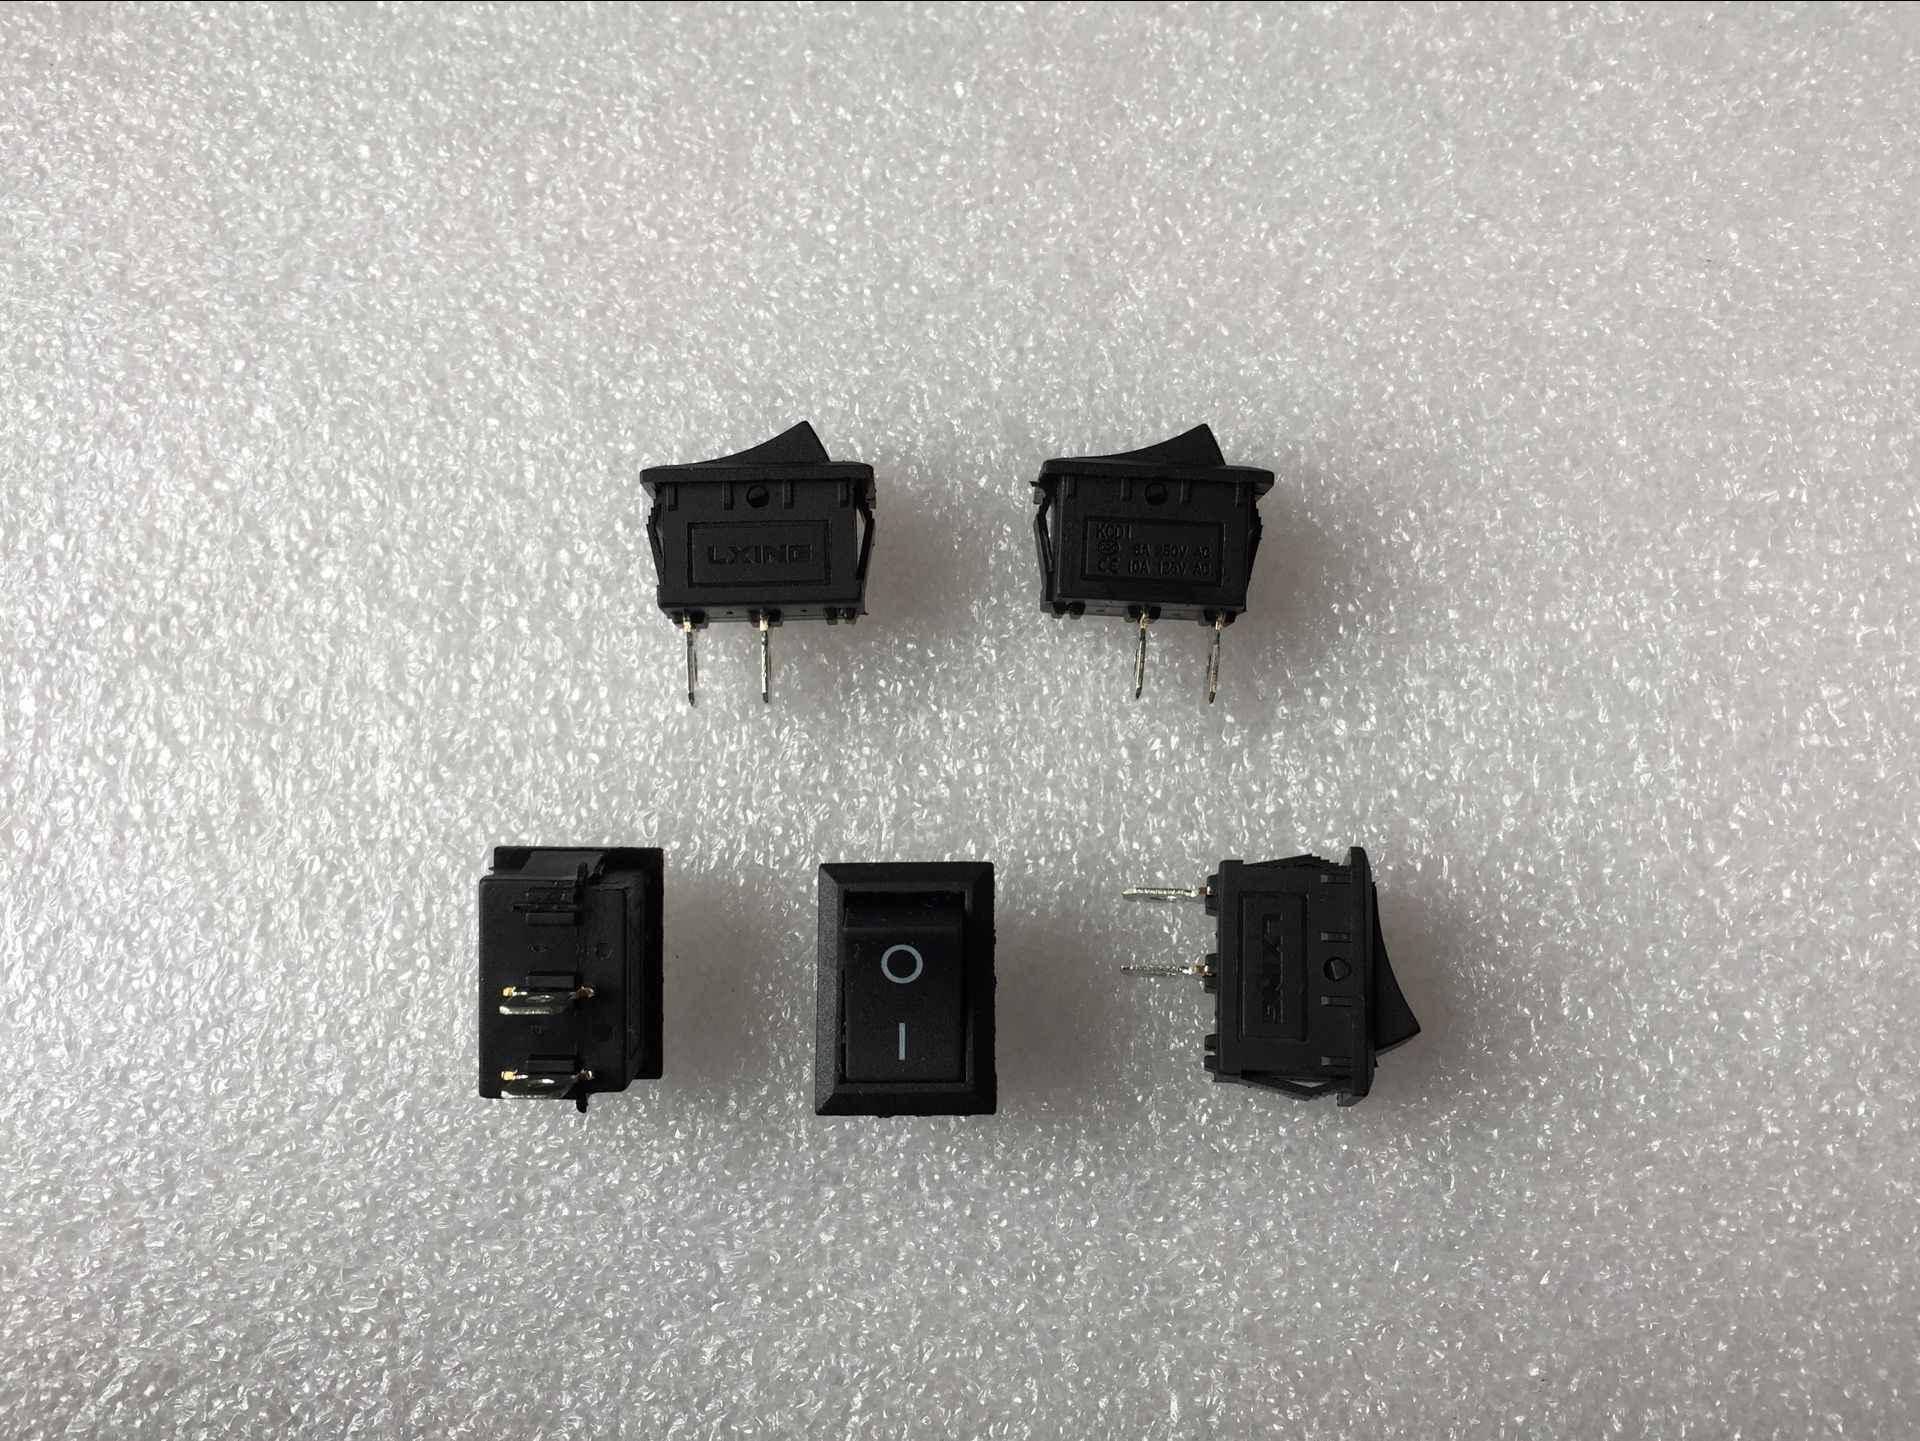 Hohe Qualität 5 Stücke 2 Pin Snap-in Auf/Aus-stellung Schnapp Boot Druckschalter 110 V/250 V